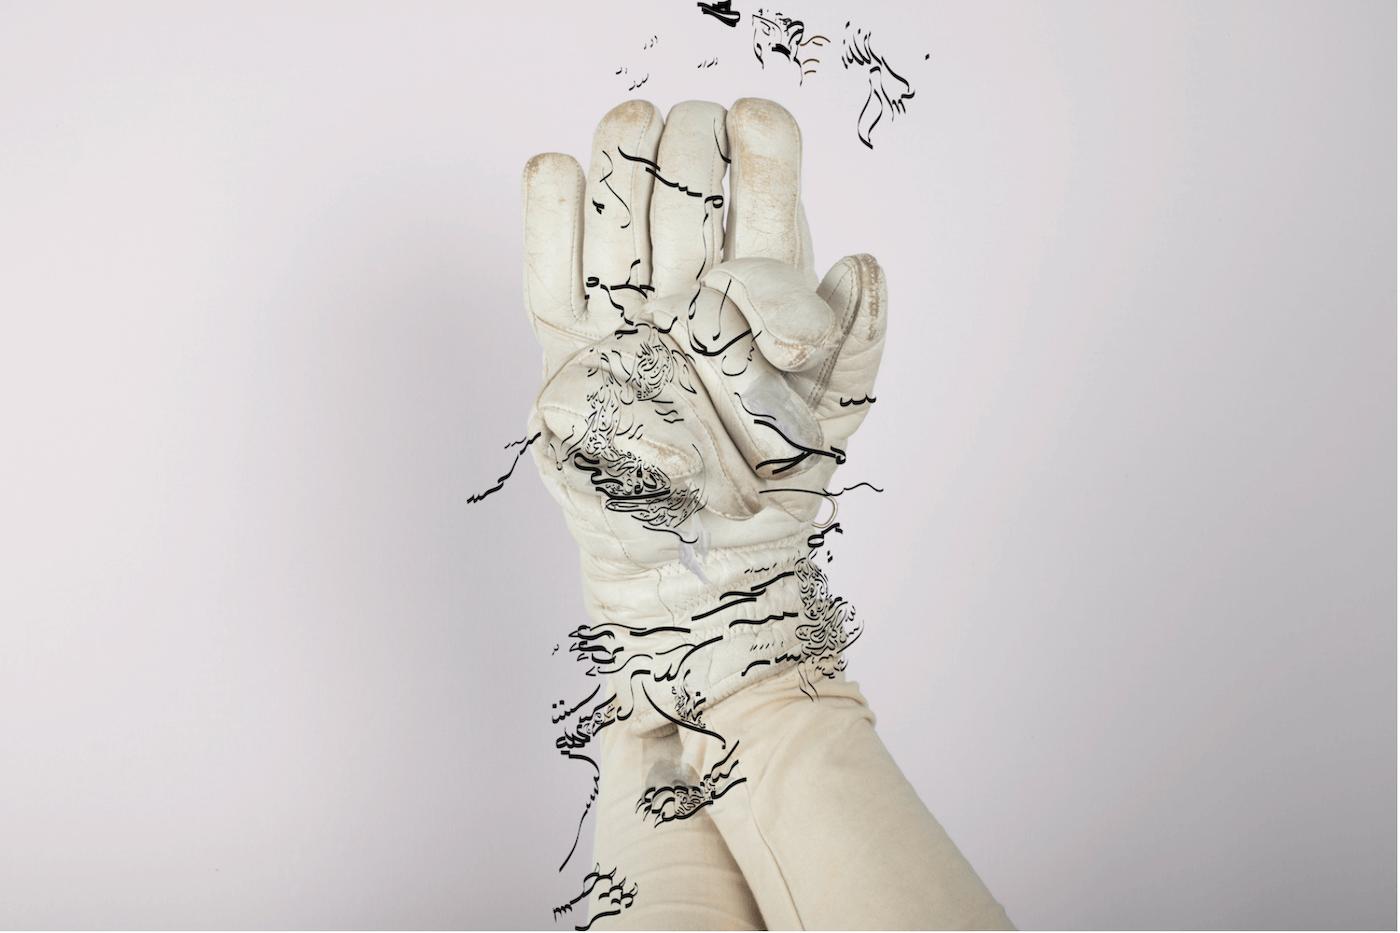 Zwei Hände in weißen Lederhandschuhen greifen ineinander. Darüber schwarze Linien, die an Raubtierkrallen und an arabische Schriftzeichen erinnern.